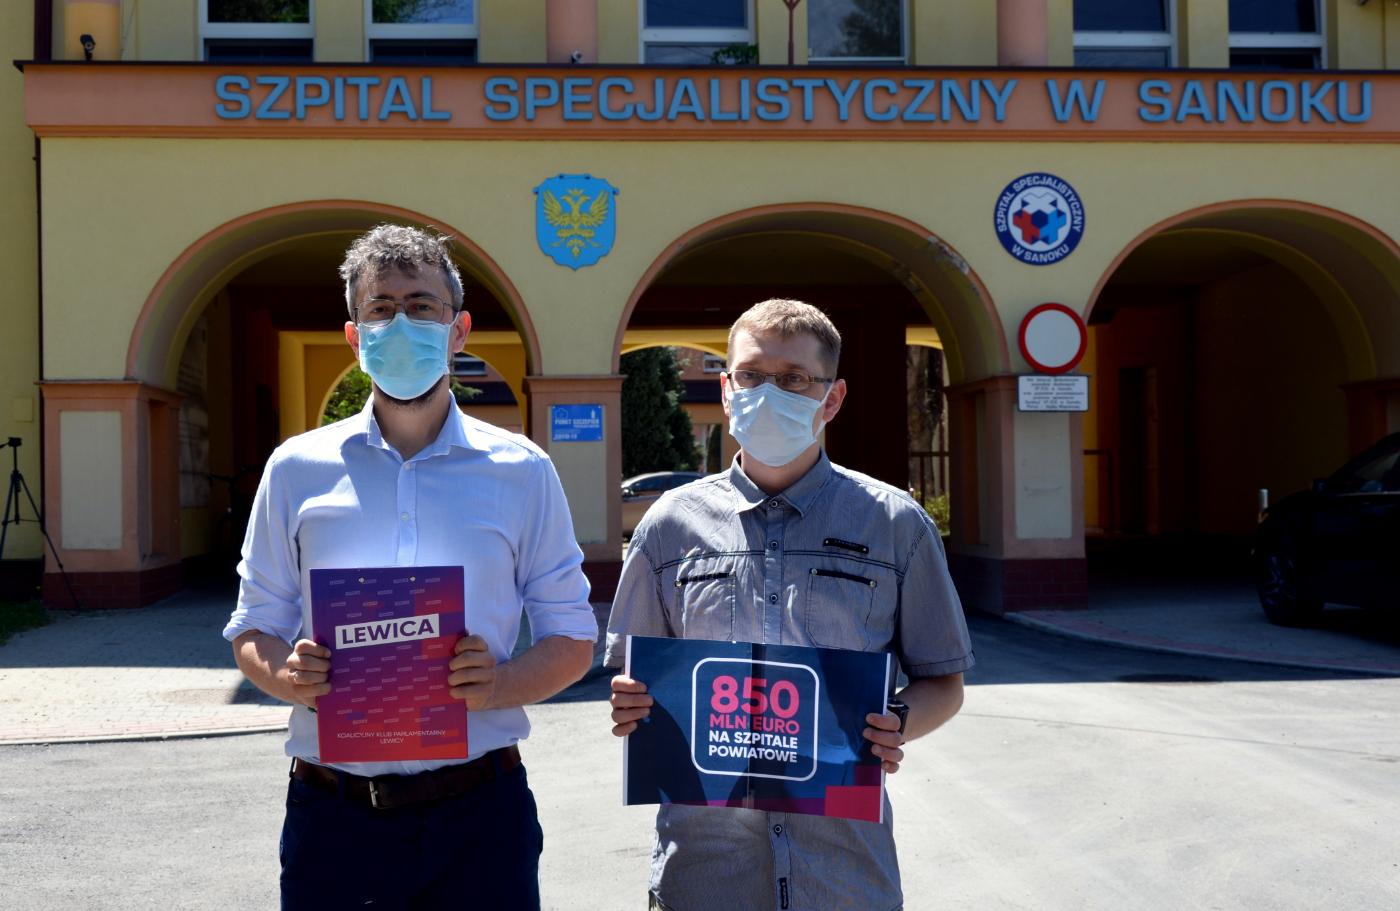 Lewica zabezpieczyła 850 mln euro na rzecz szpitali powiatowych [WIDEO] - Zdjęcie główne